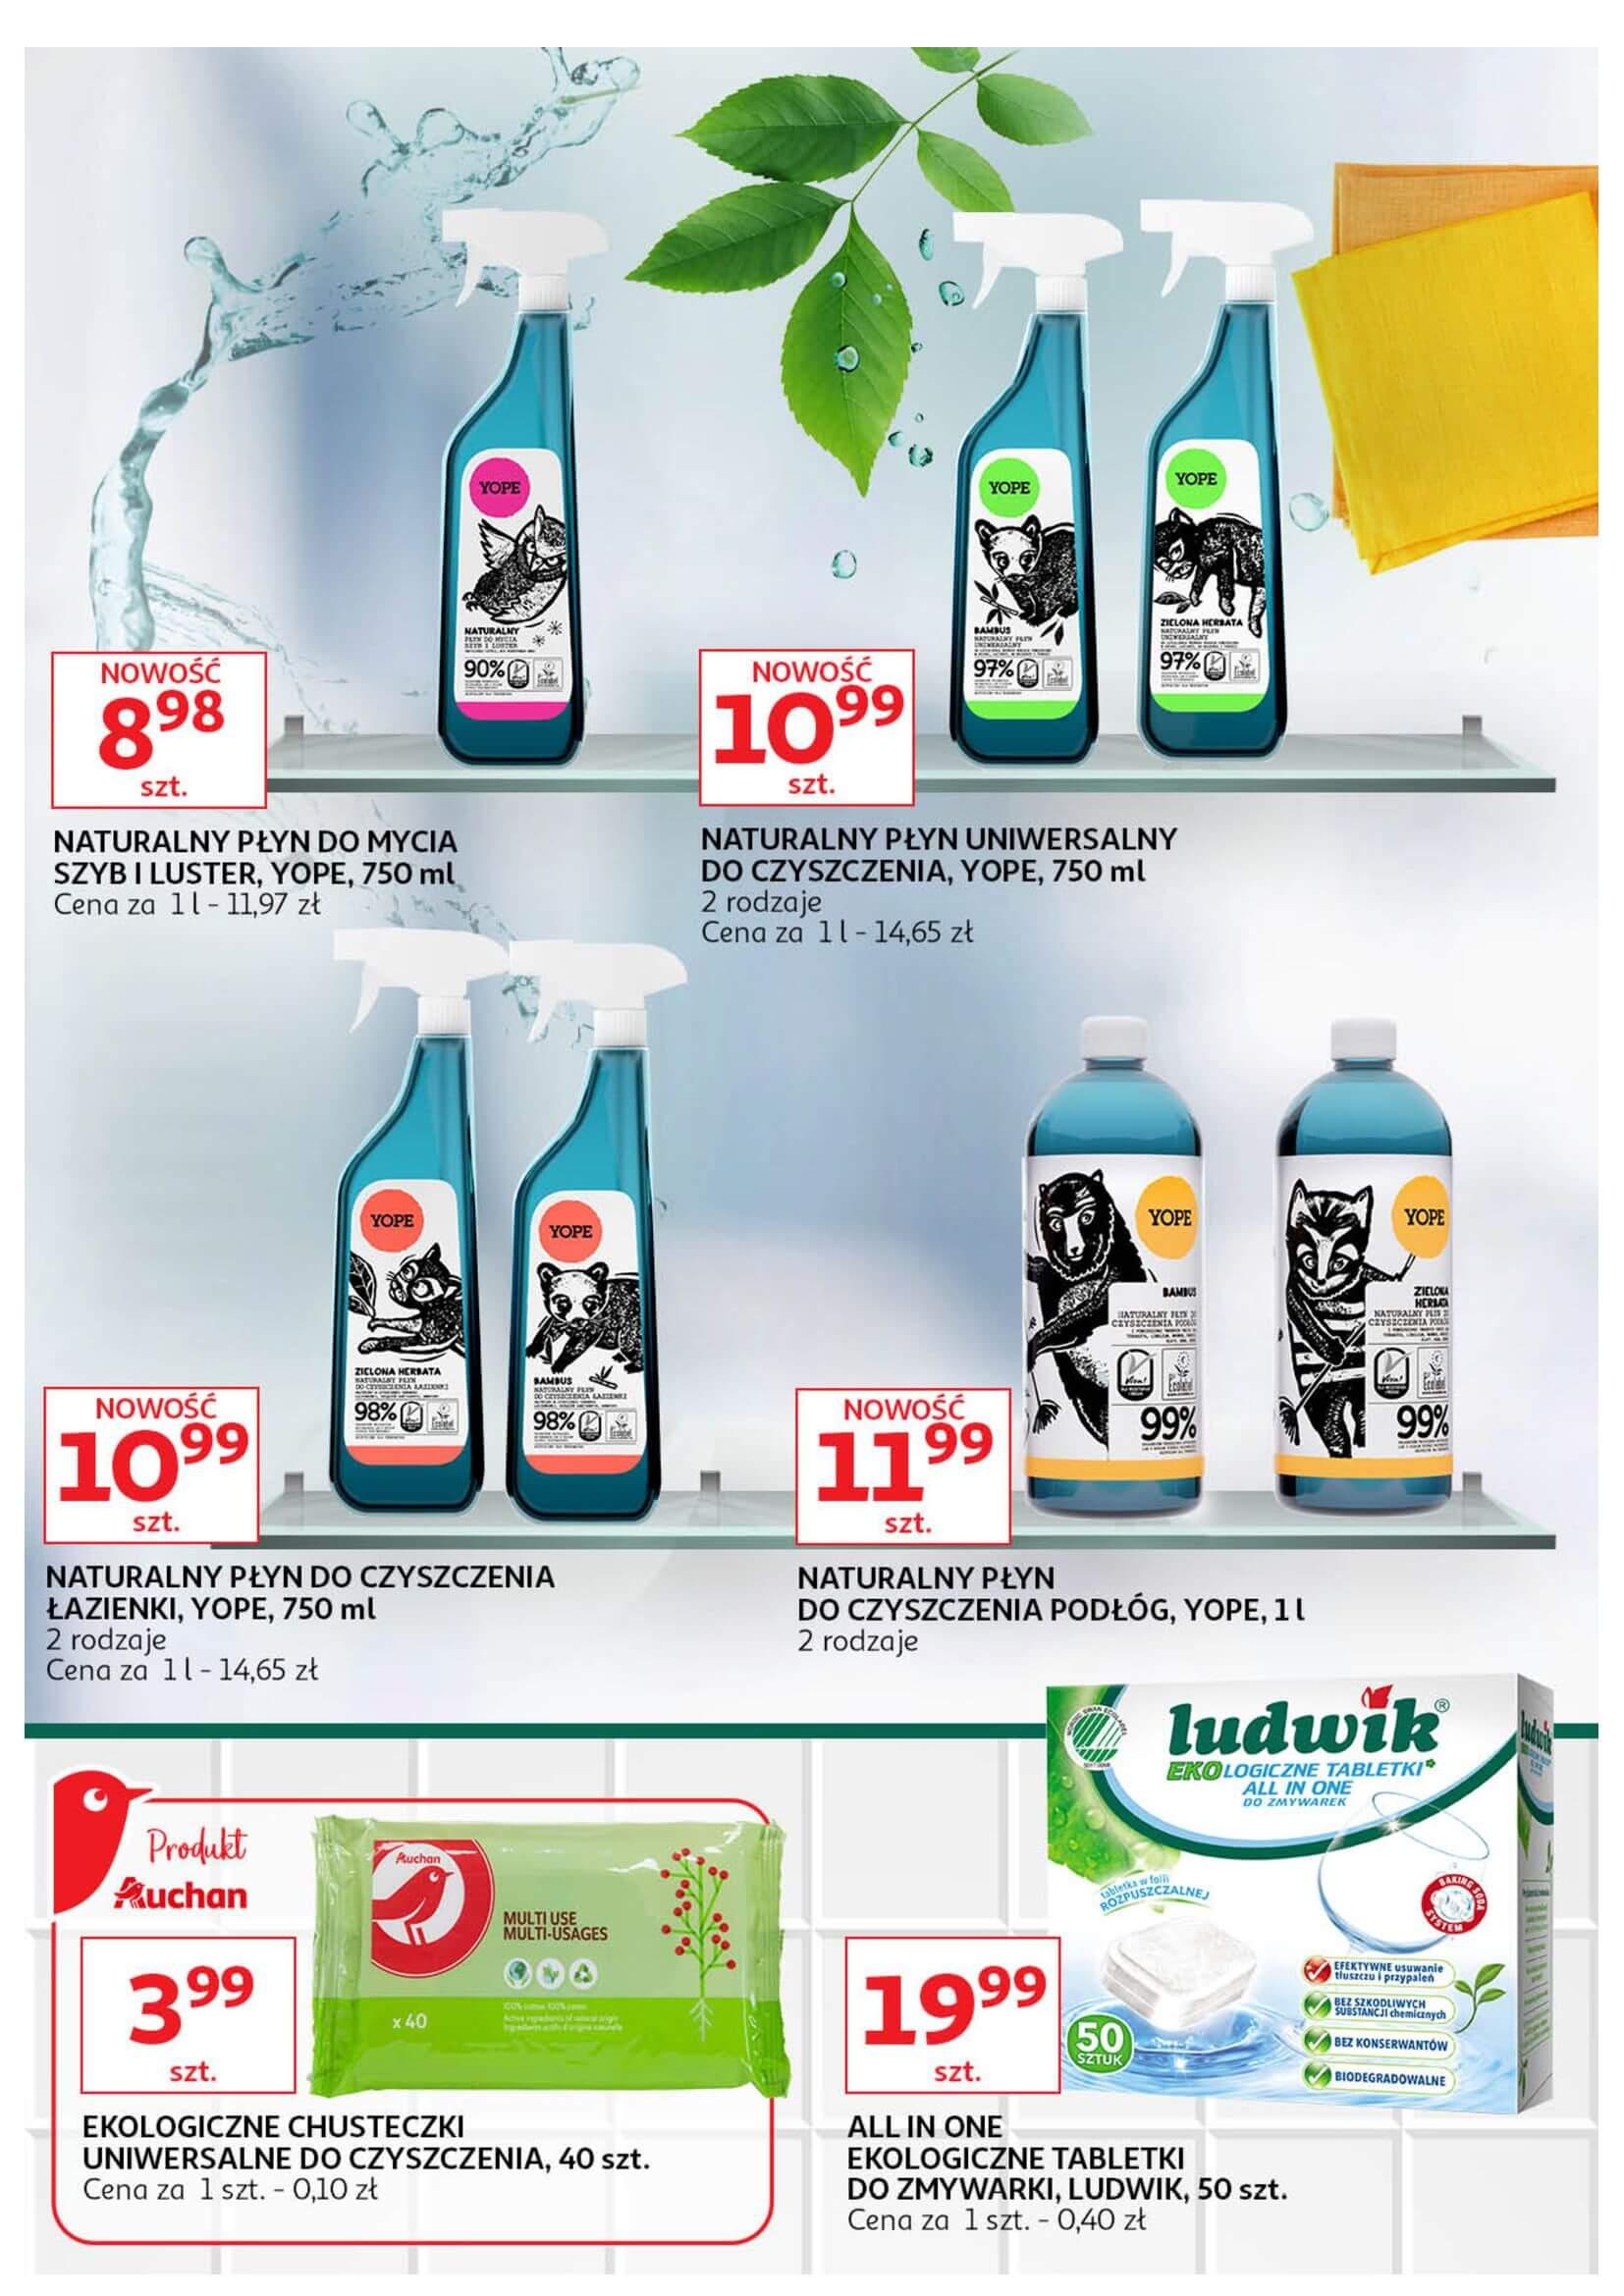 Gazetka Auchan - Twoja czysta przyjemność Hipermarkety-06.02.2019-20.02.2019-page-